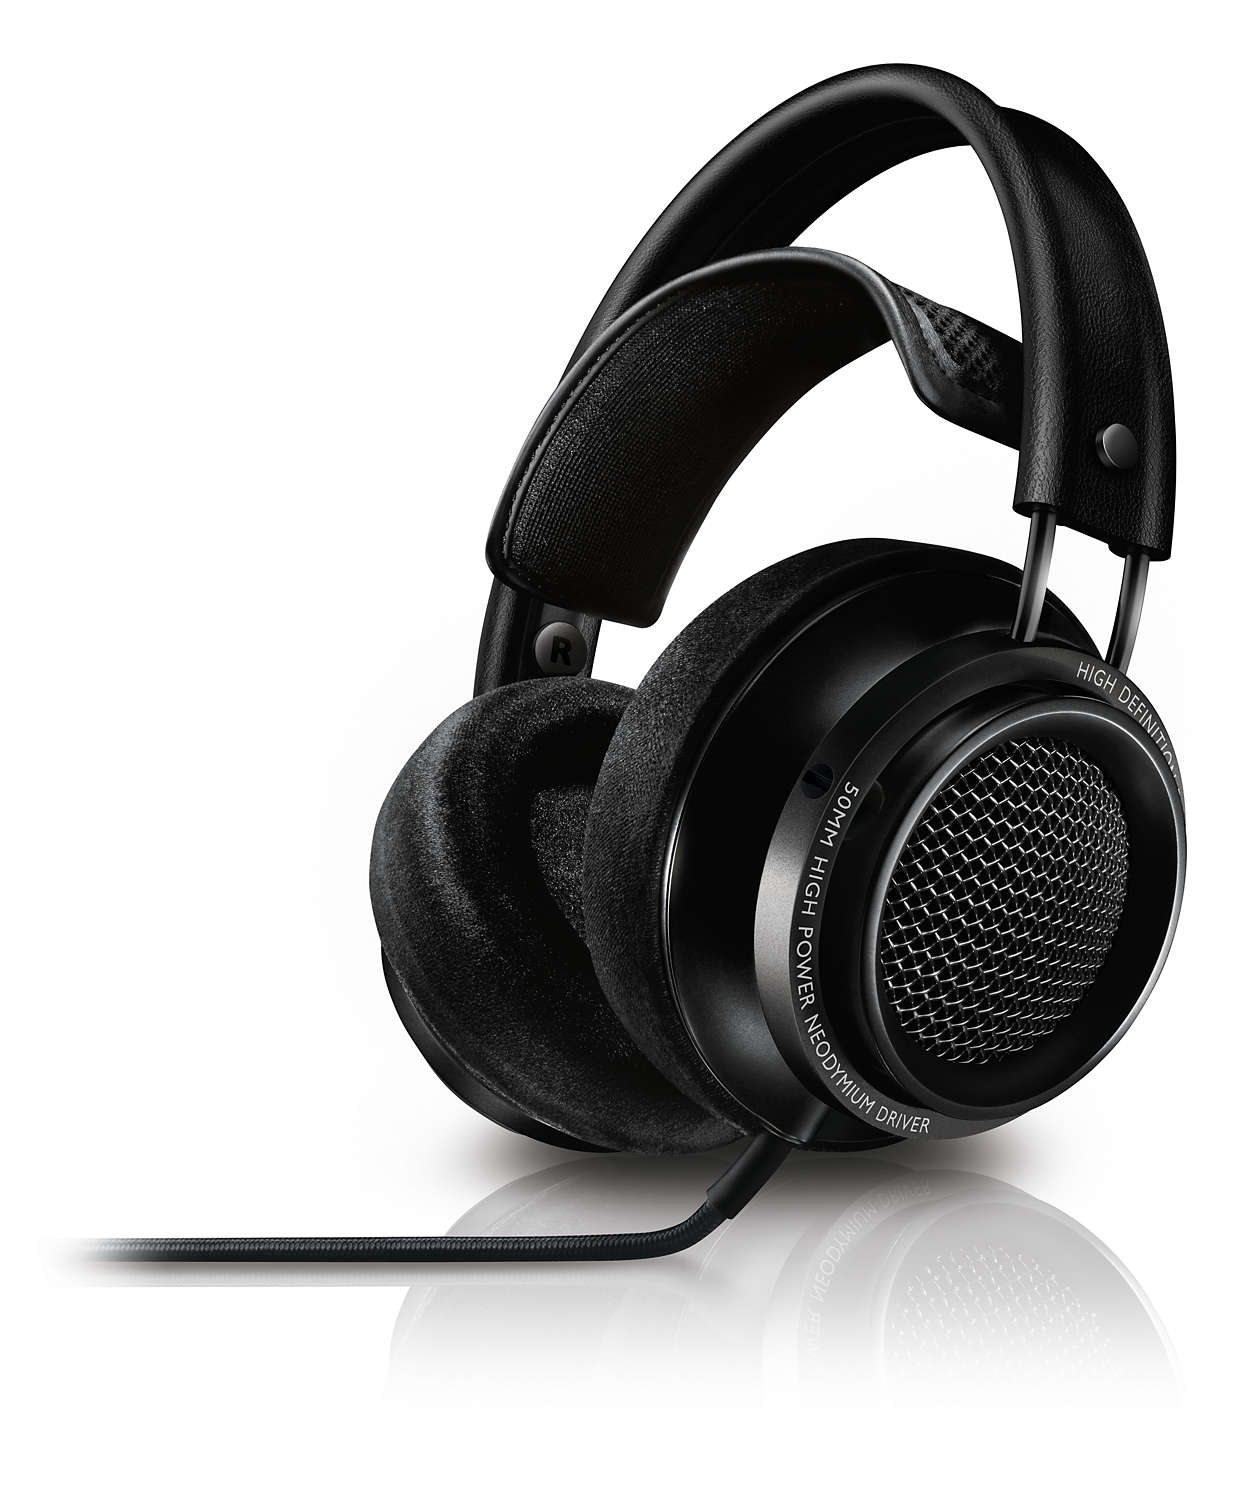 H-Fi-lyd med hjemlig komfort